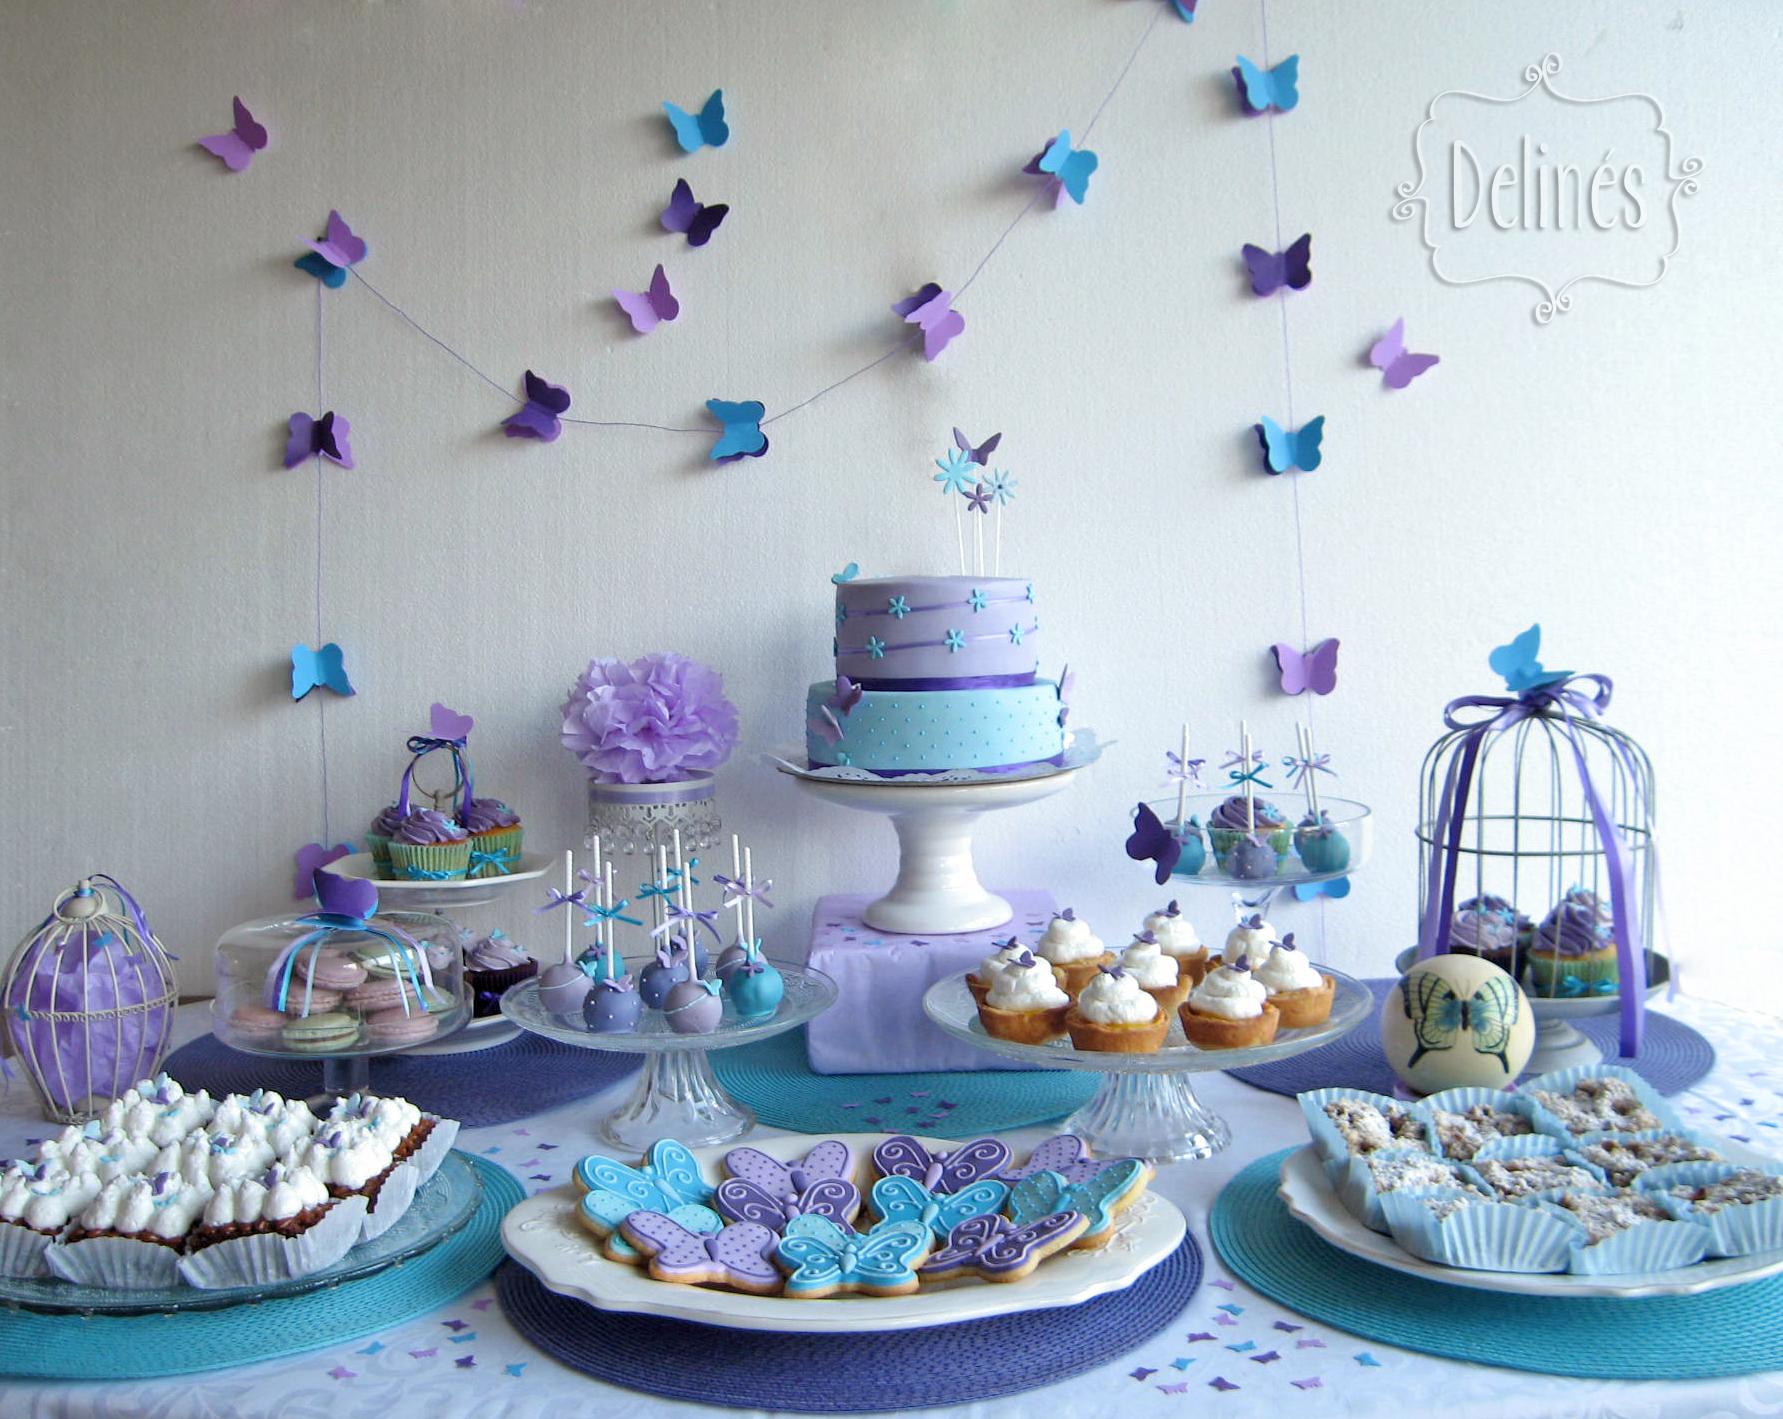 Bautismo y cumple con mariposas y flores delin s for Ornamentacion para 15